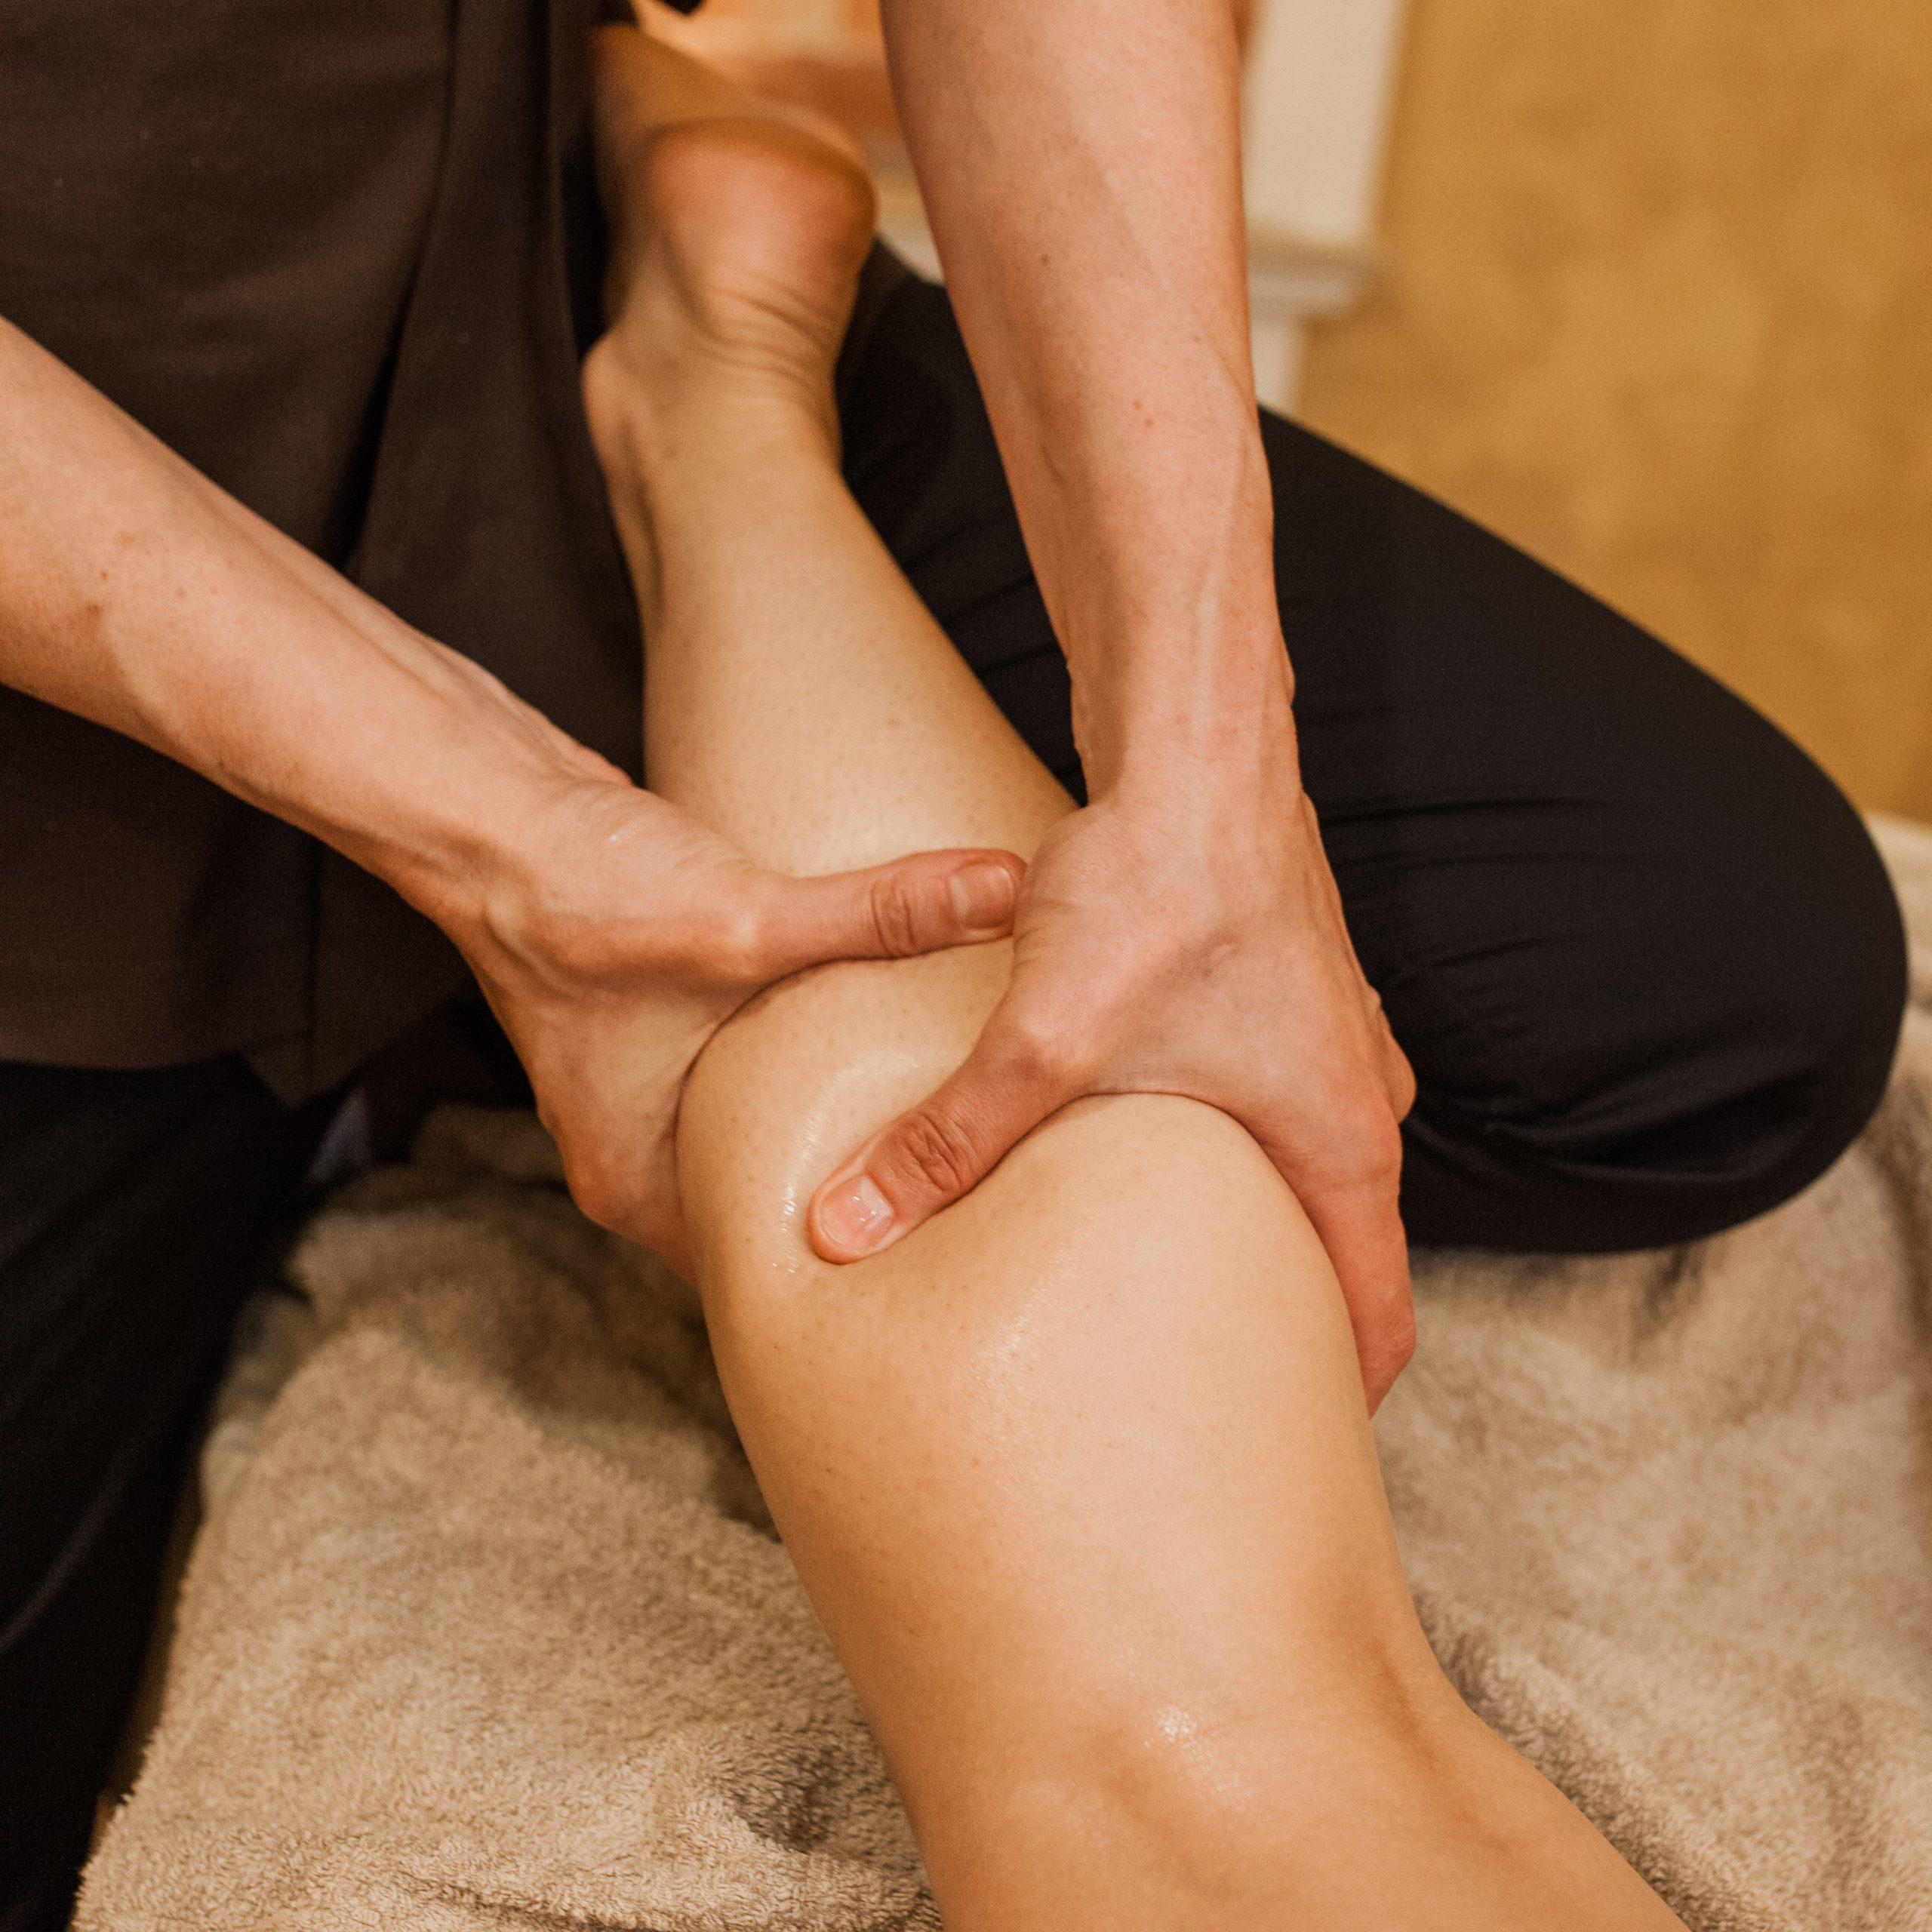 Limfodrenažinis viso kūno masažas